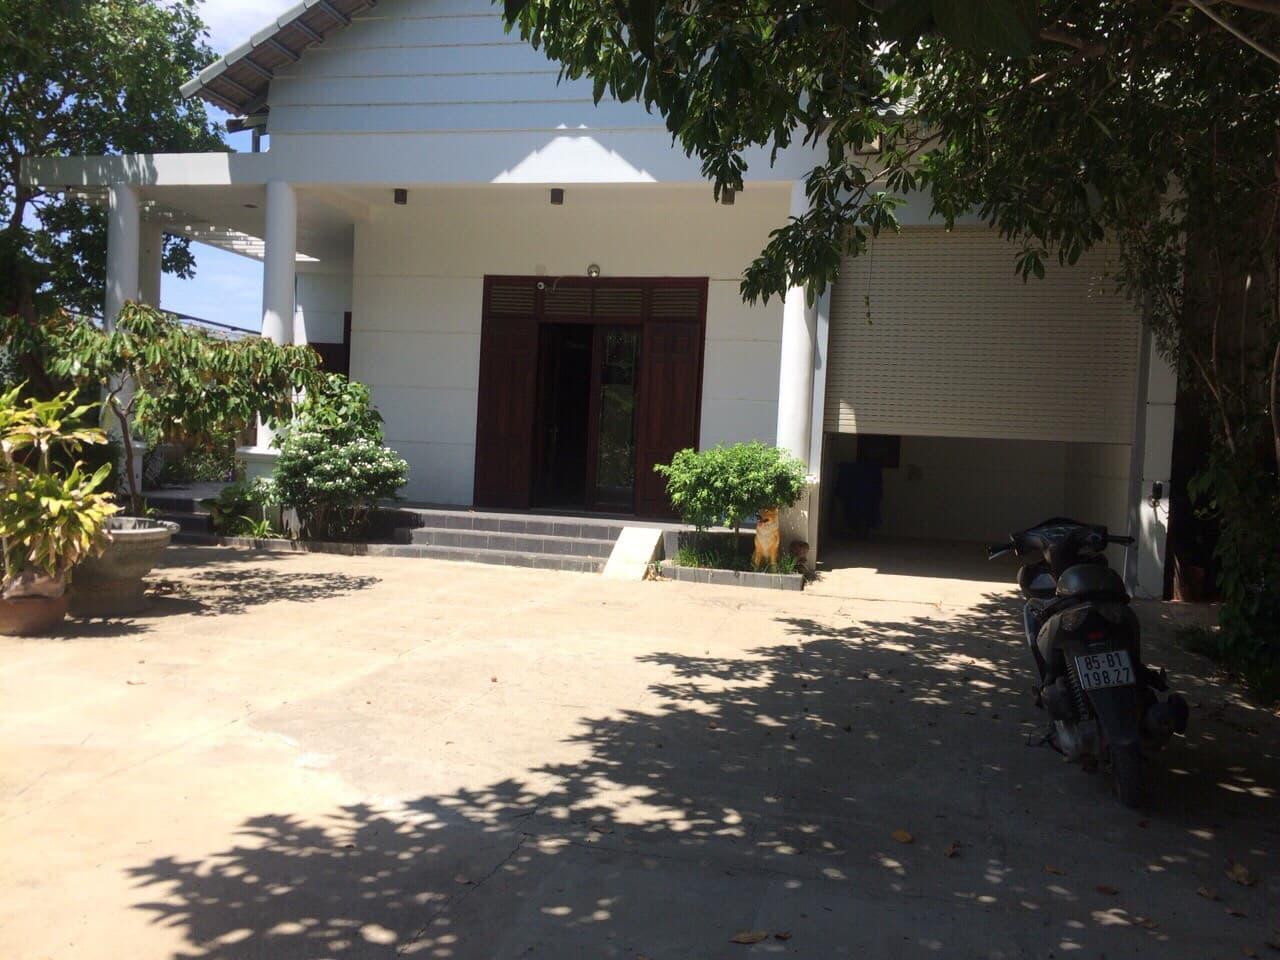 Bán biệt thự vườn ngay trung tâm thành phố Phan Rang Tháp Chàm